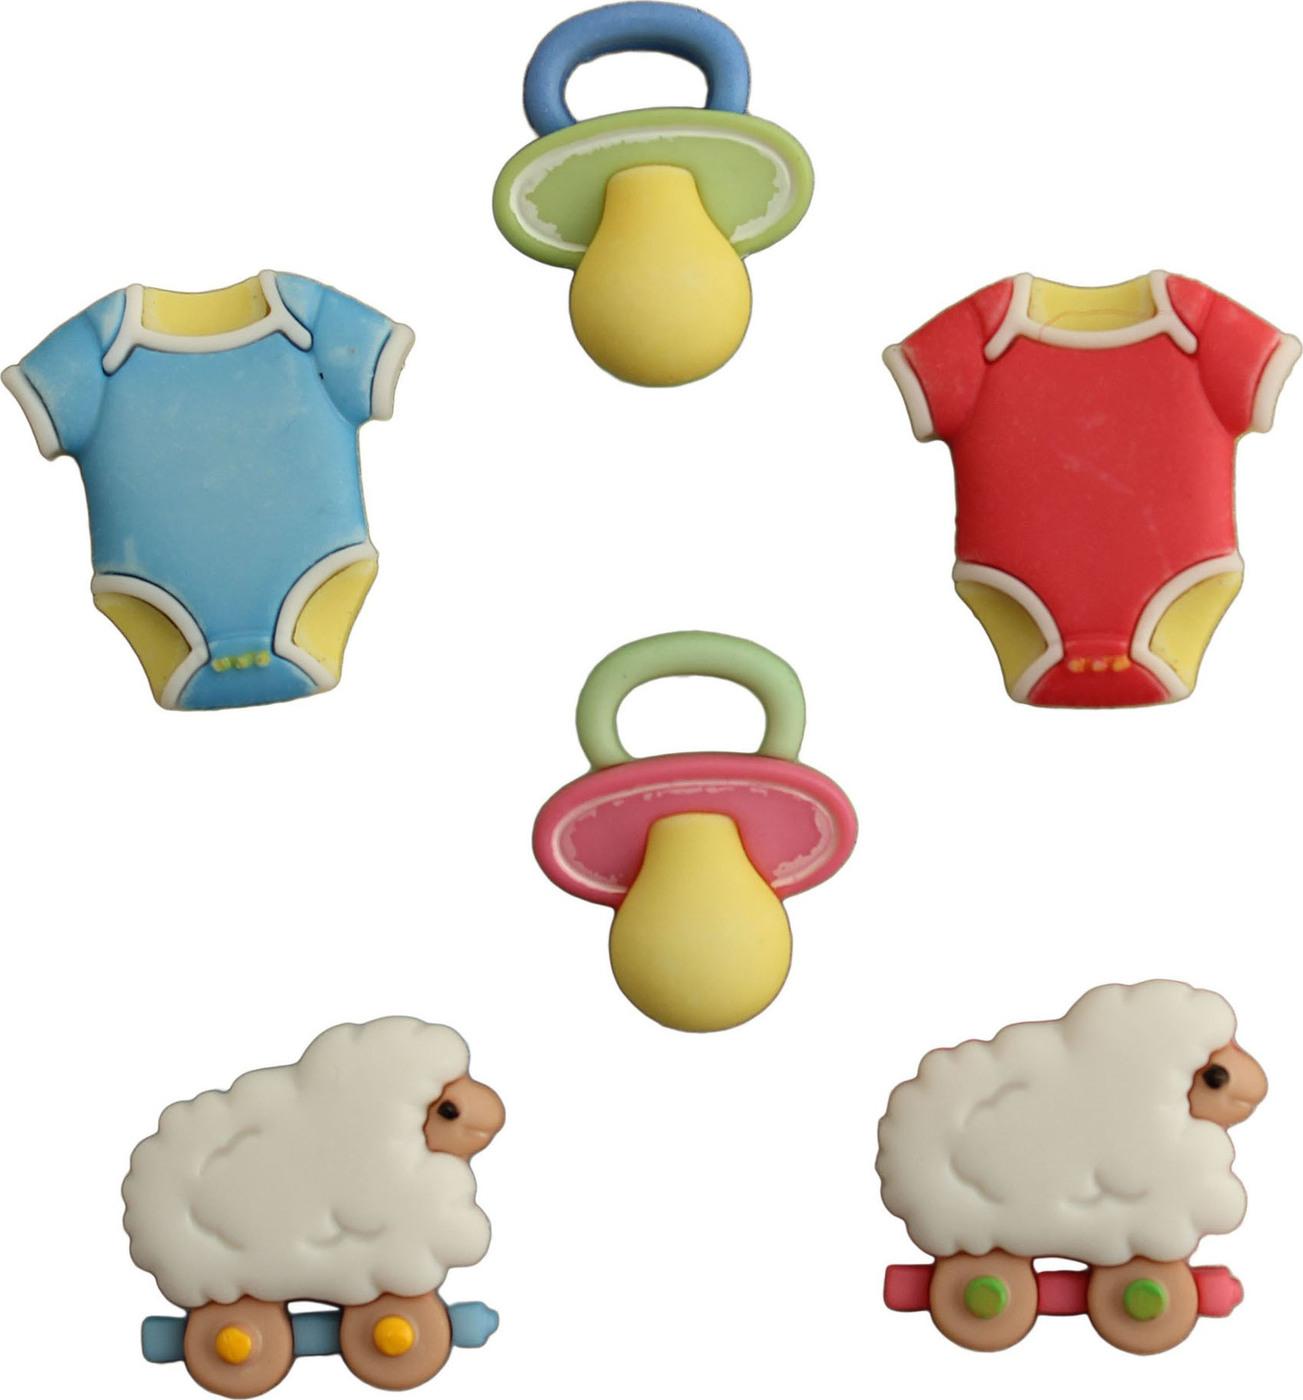 Пуговицы Buttons Galore пластиковые декоративные Lullaby